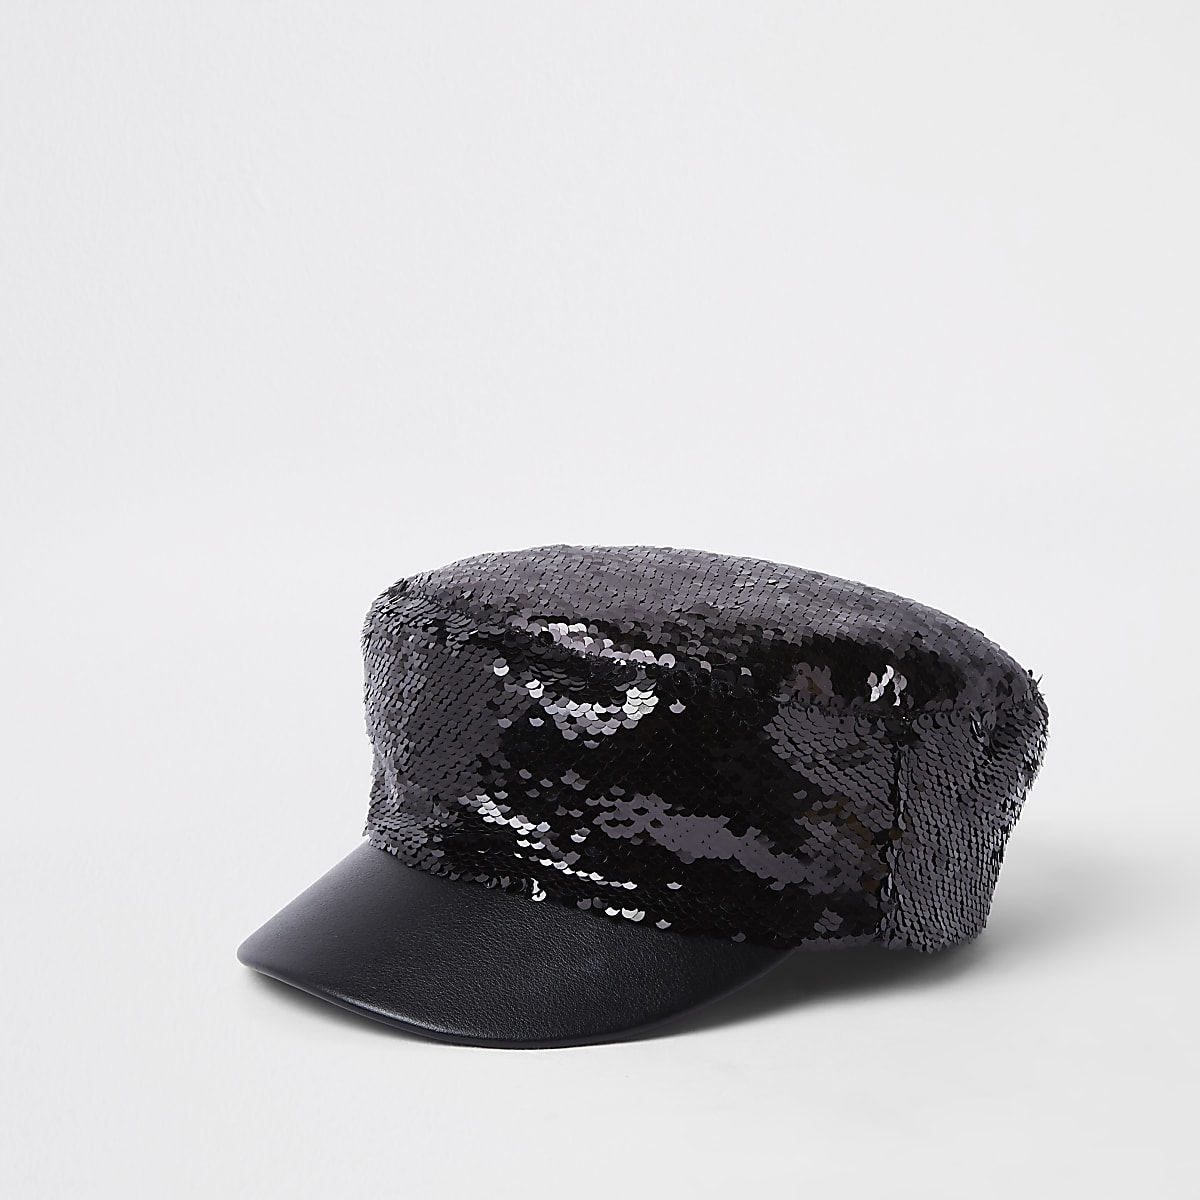 Casquette gavroche noire à sequins